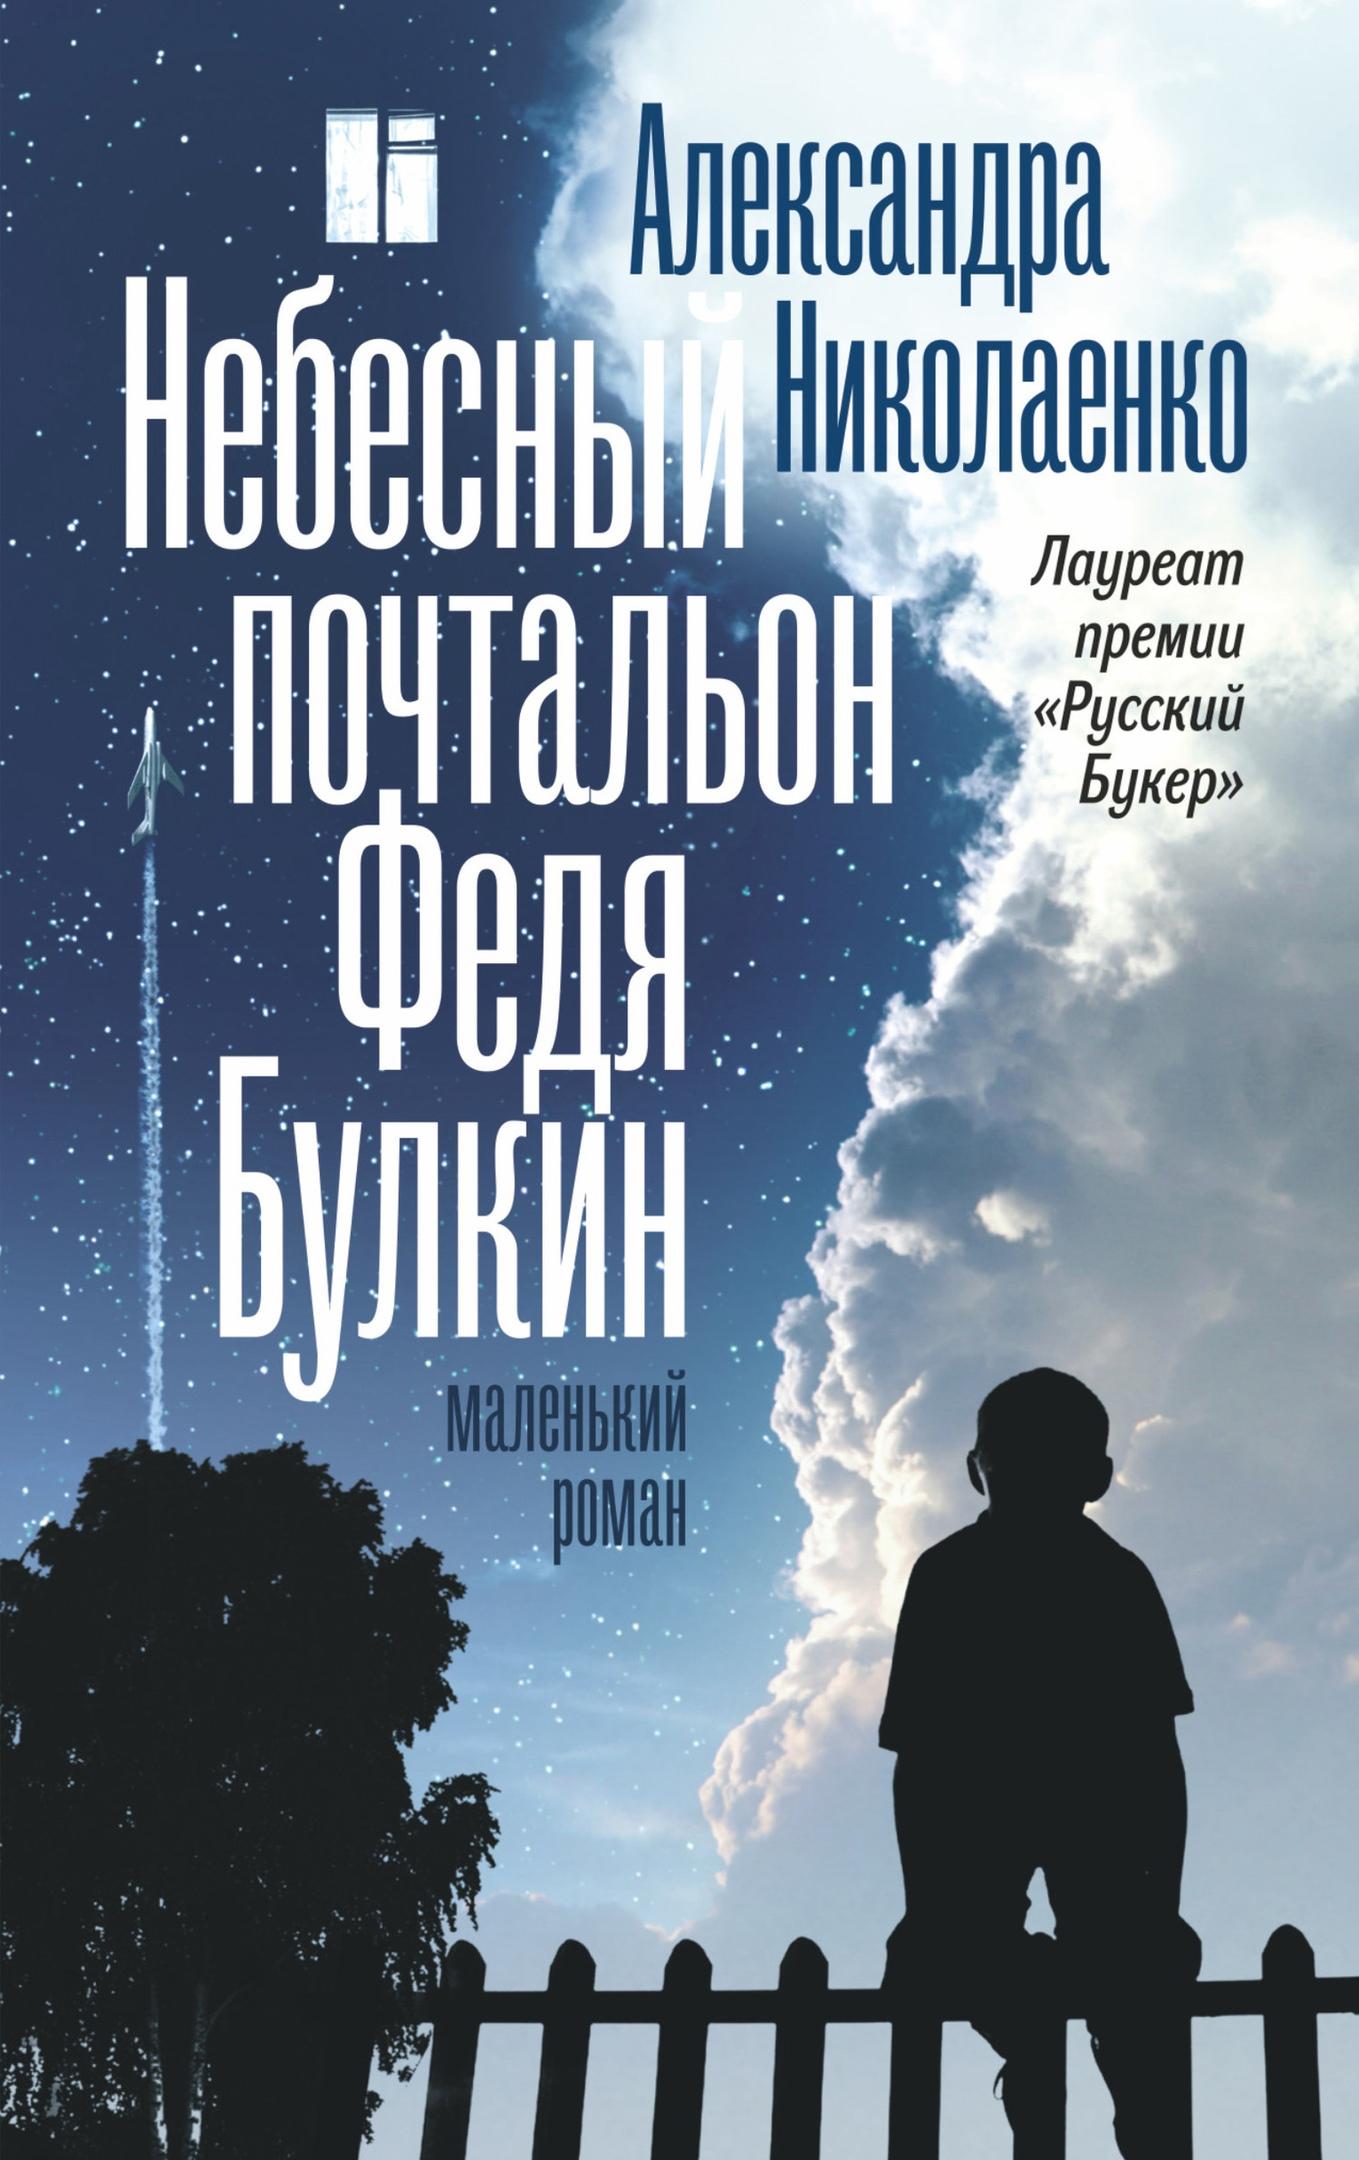 А. Николаенко «Небесный почтальон Федя Булкин», изображение №2